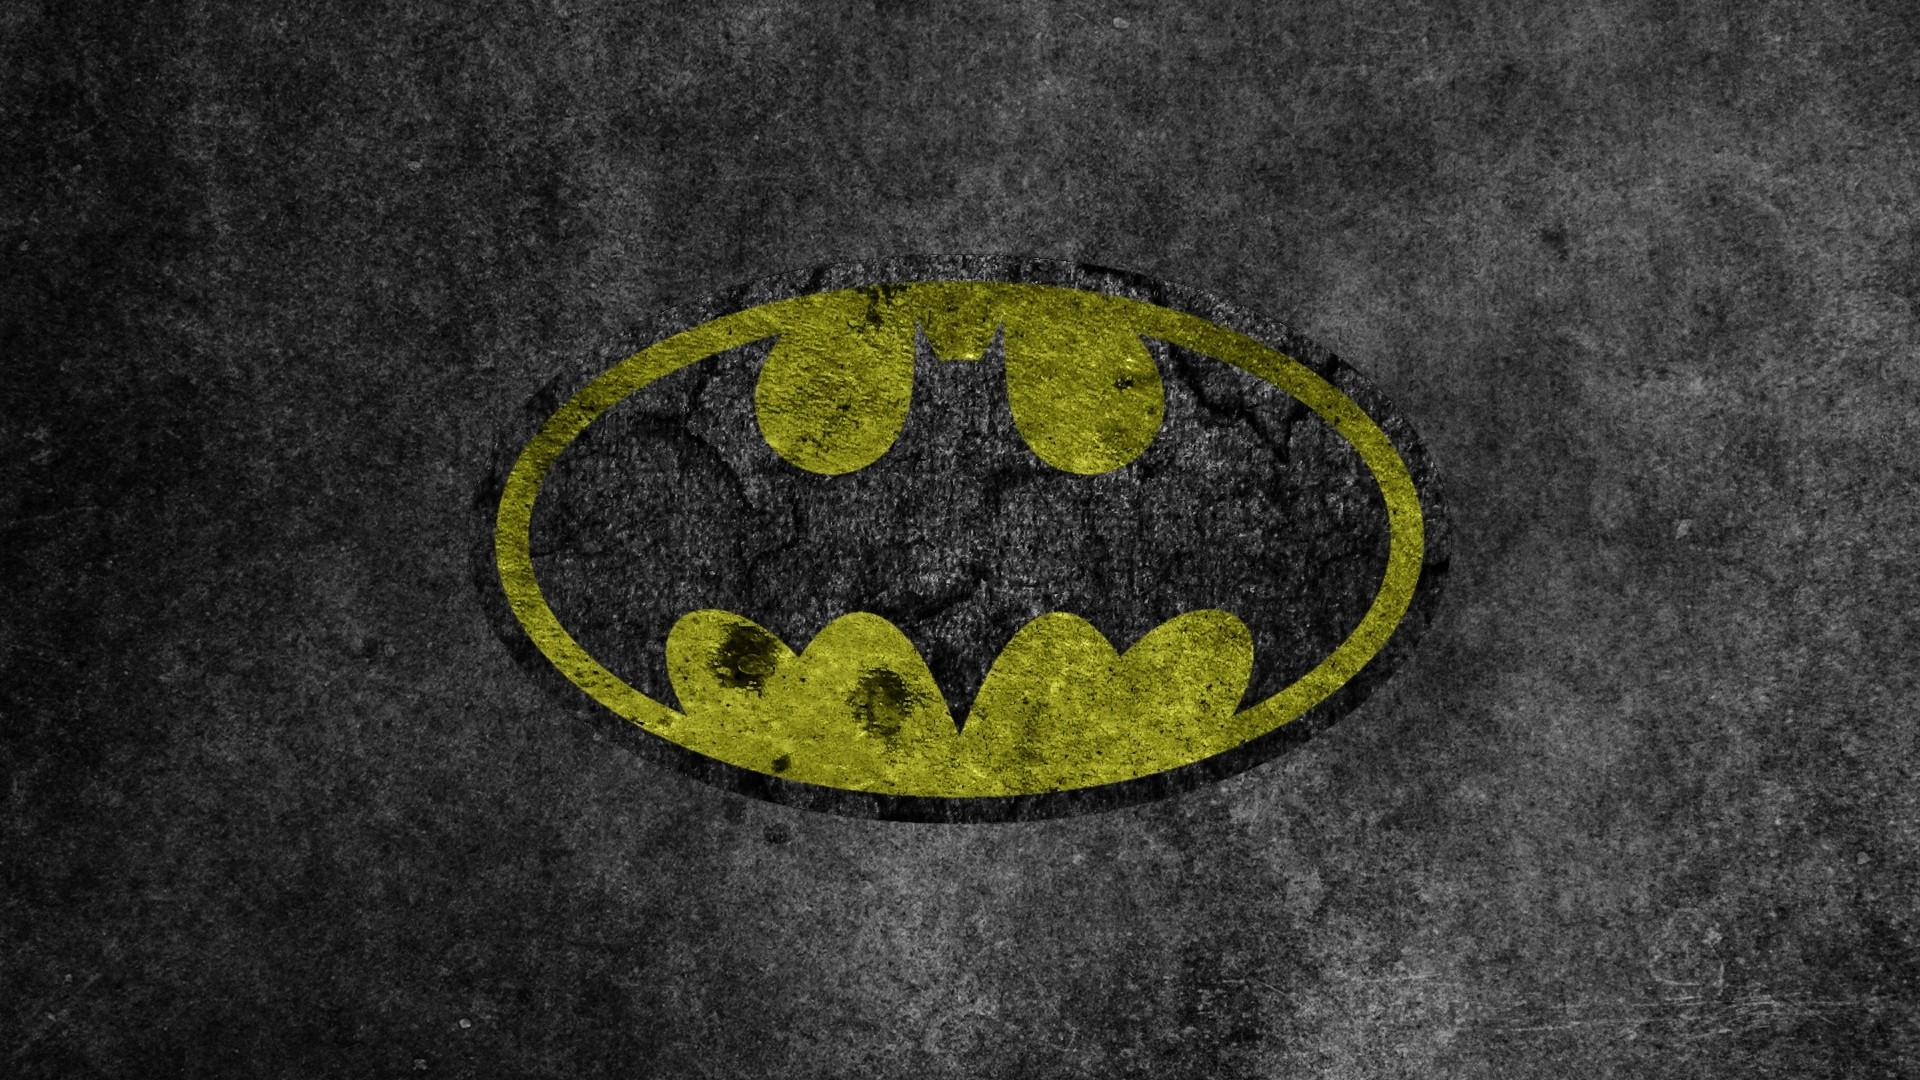 fantastic batman hd wallpaper let s talk about